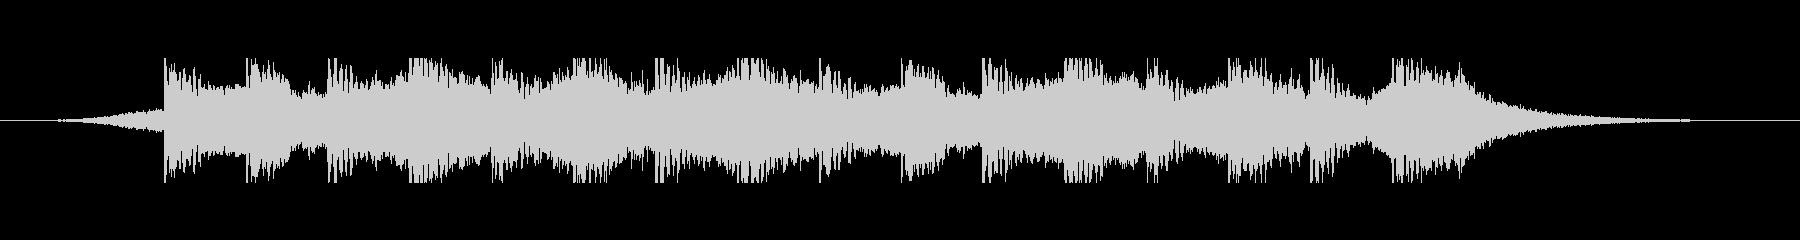 砂漠のキャラバン(30秒)の未再生の波形